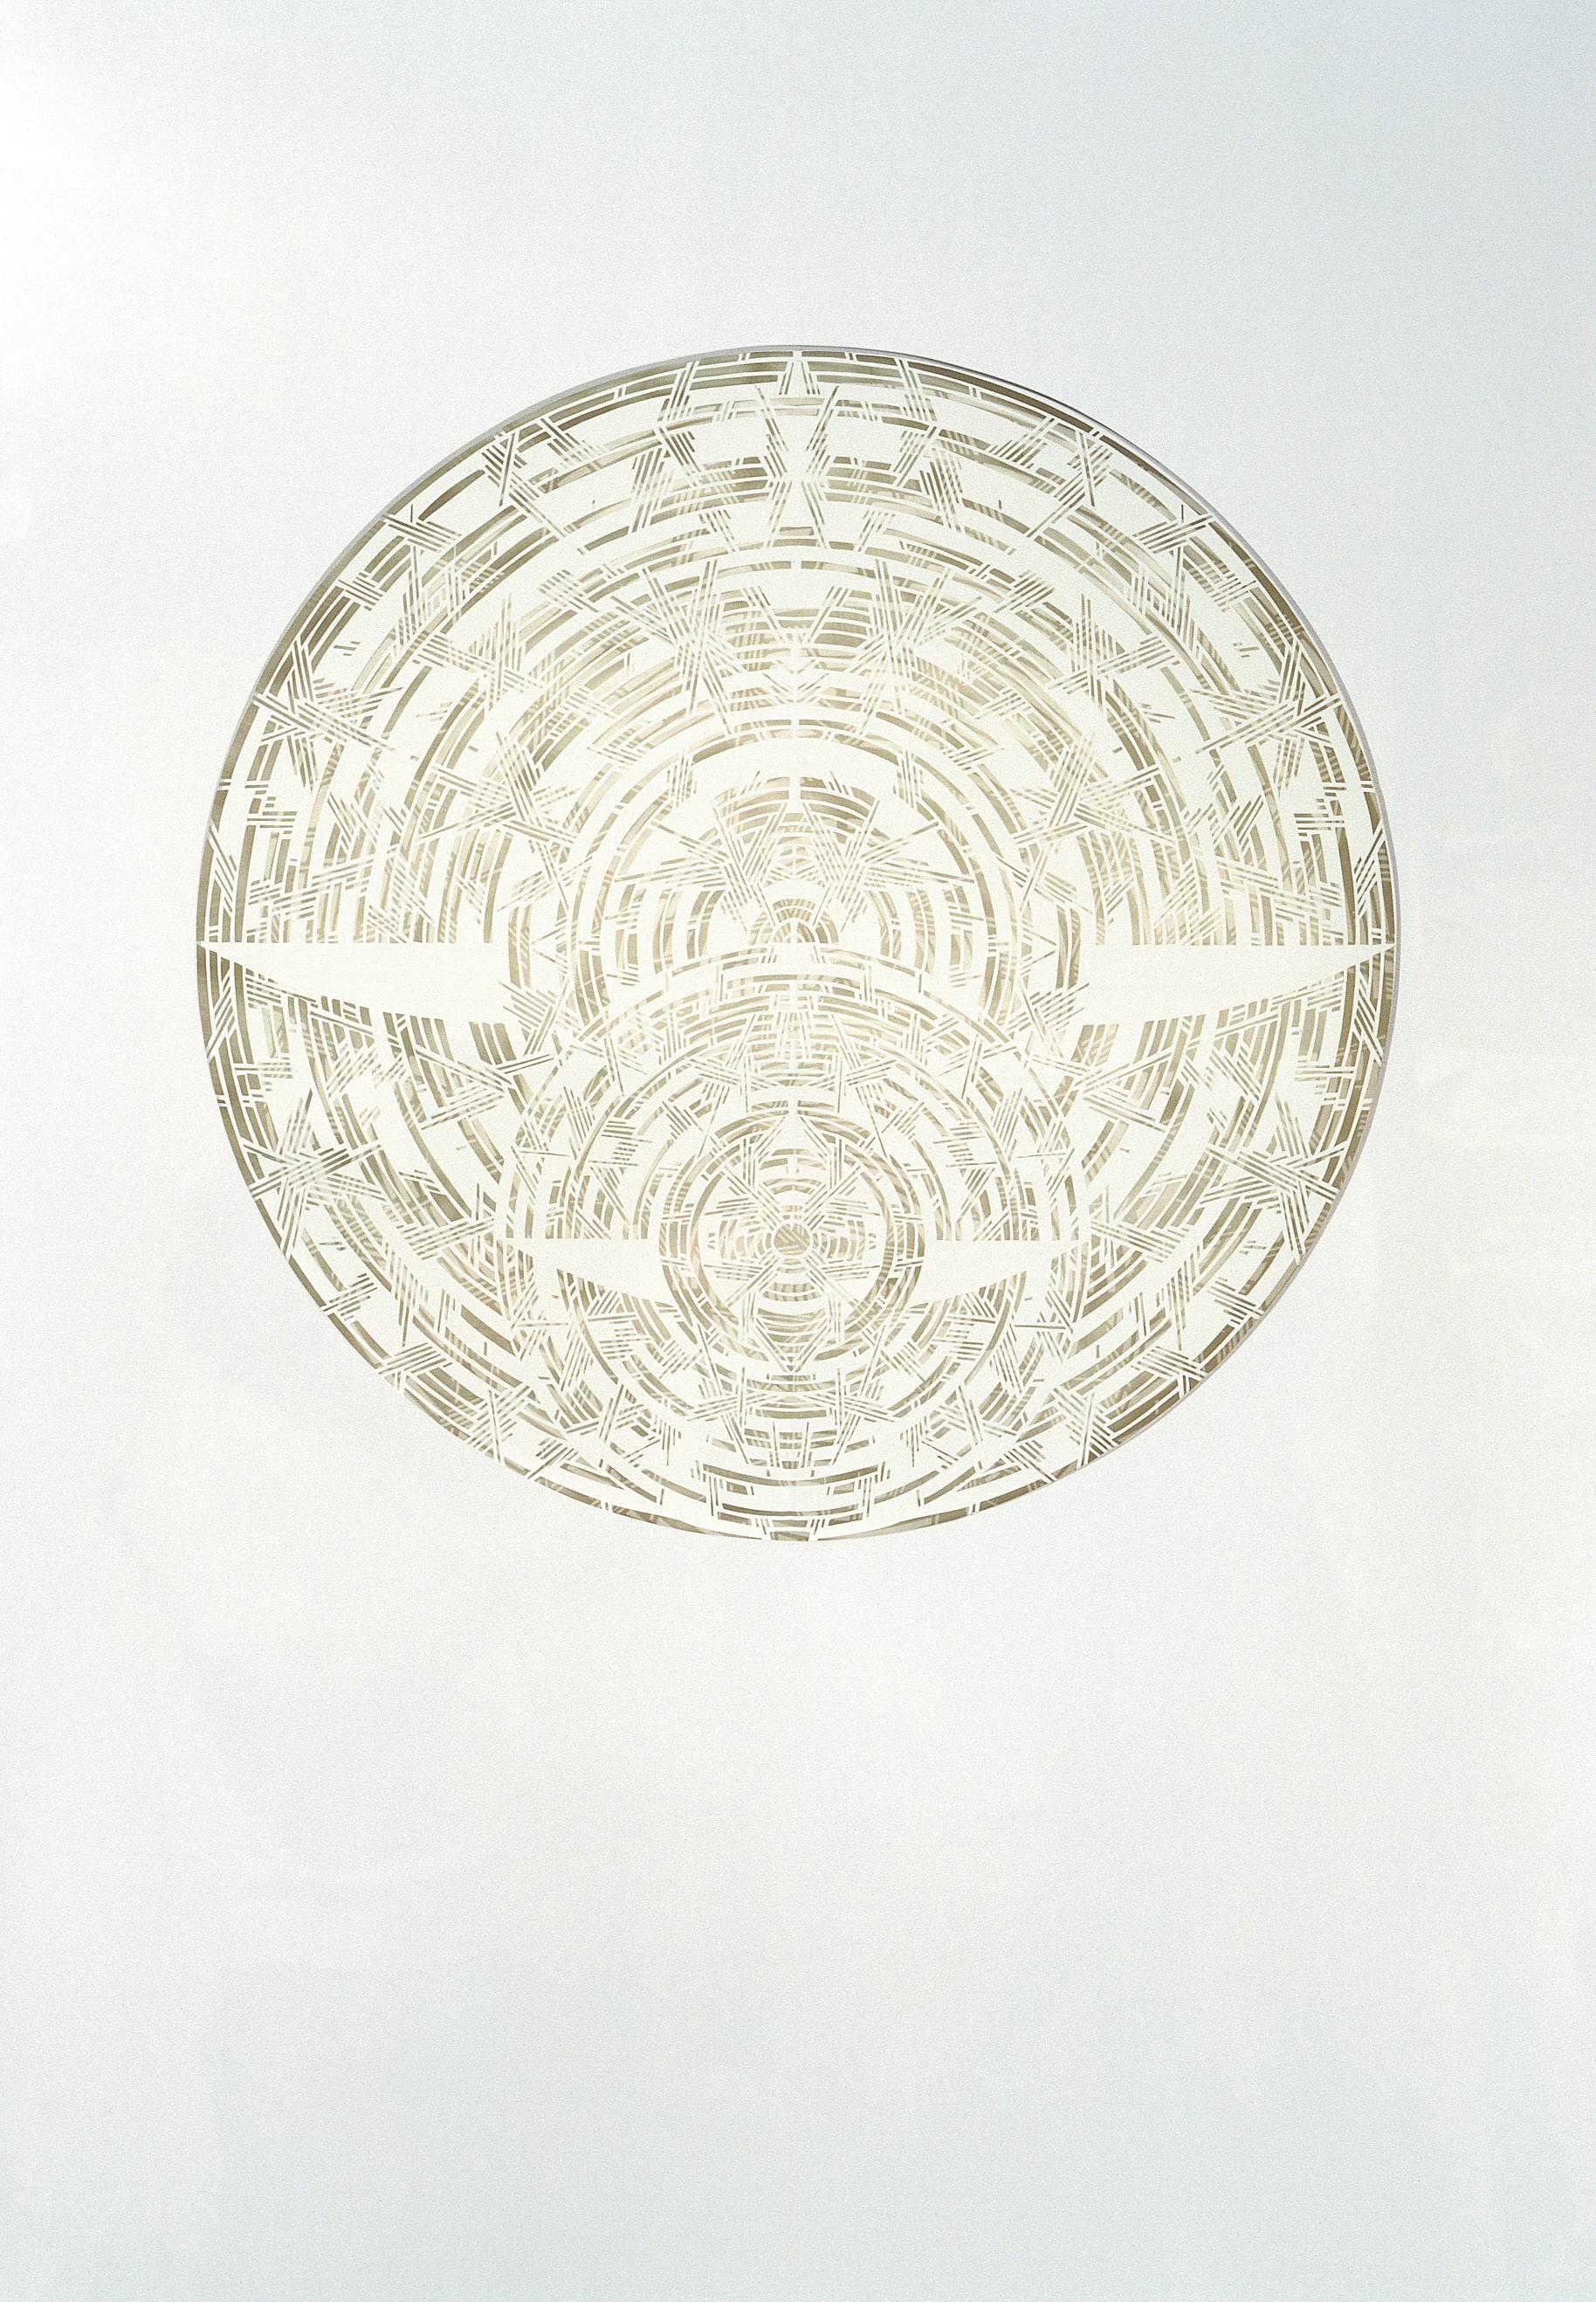 Олена Турянська. Безмежність ІІІ-ХІ, 2006; папір, витинання, 100х70